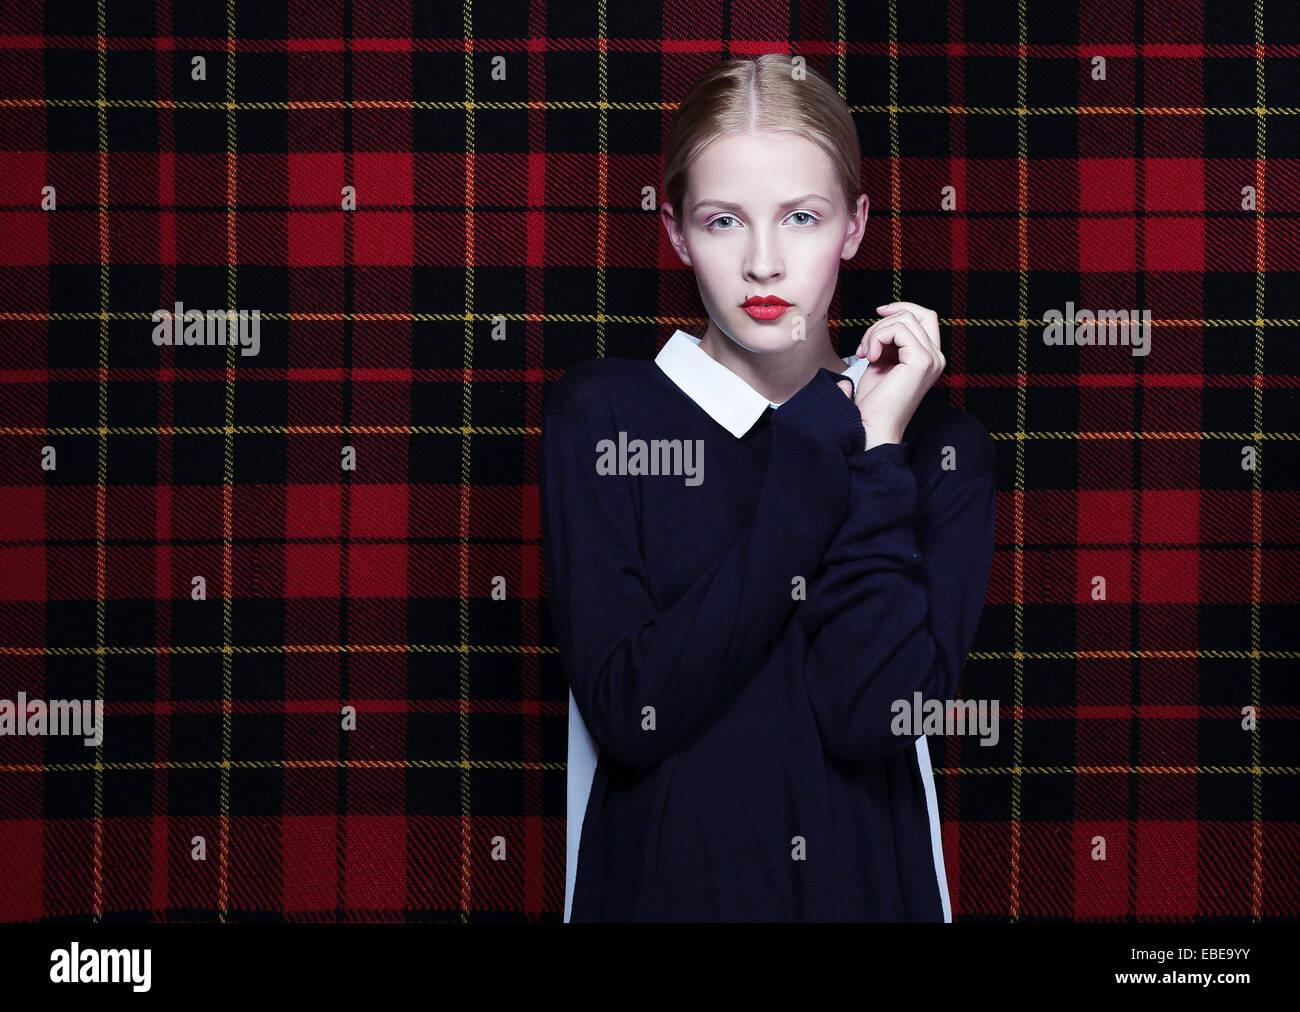 Trendige junge Frau über abstrakten Stoff Hintergrund Stockbild